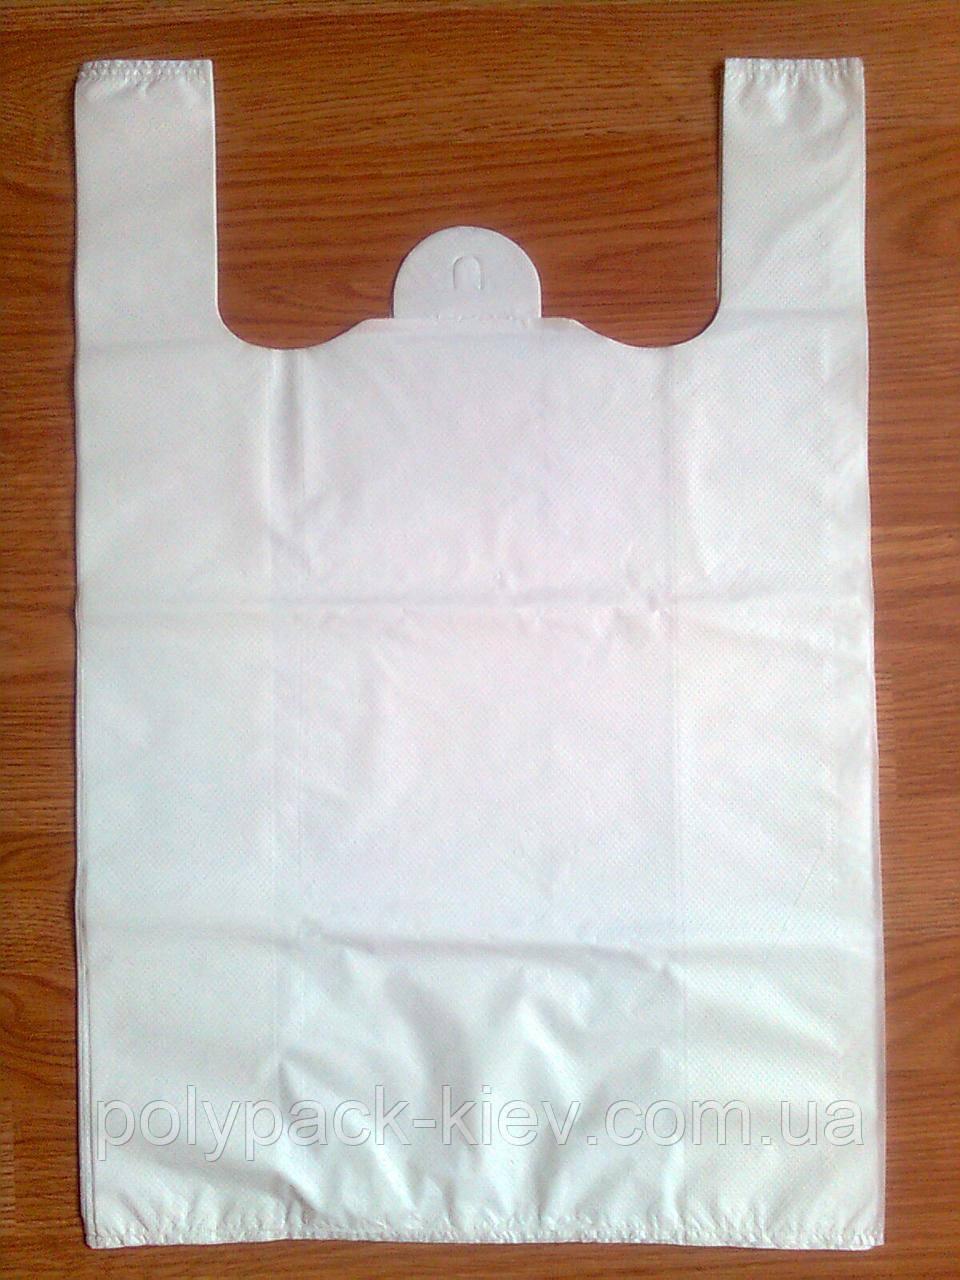 Пакет майка 38*57см/40 мкм щільний без печатки пакети майка білі без логотипу без малюнка купити виробник